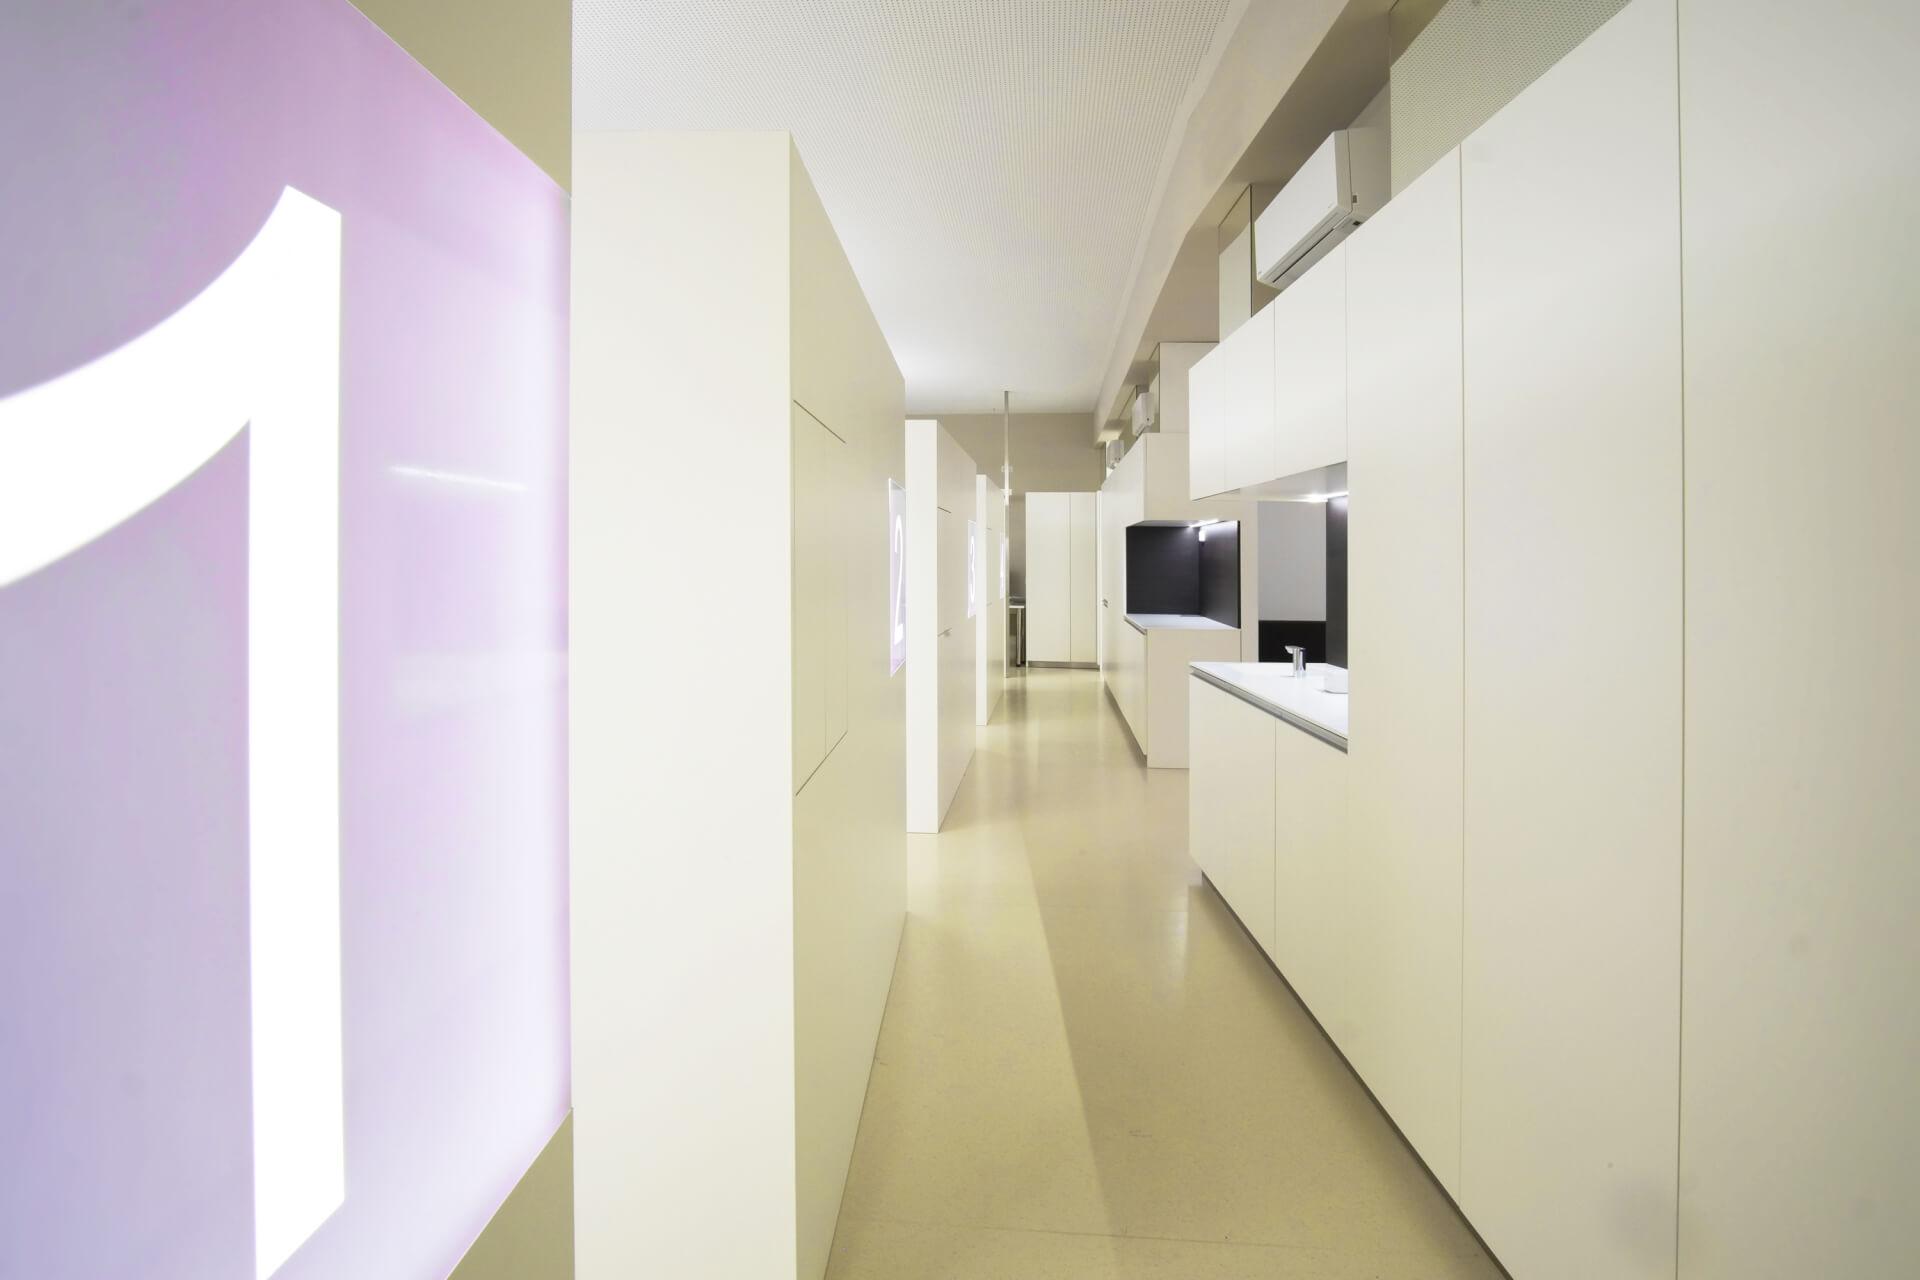 Kieferorthopädische Klinik, Praxiseinrichtung, modern Dentist